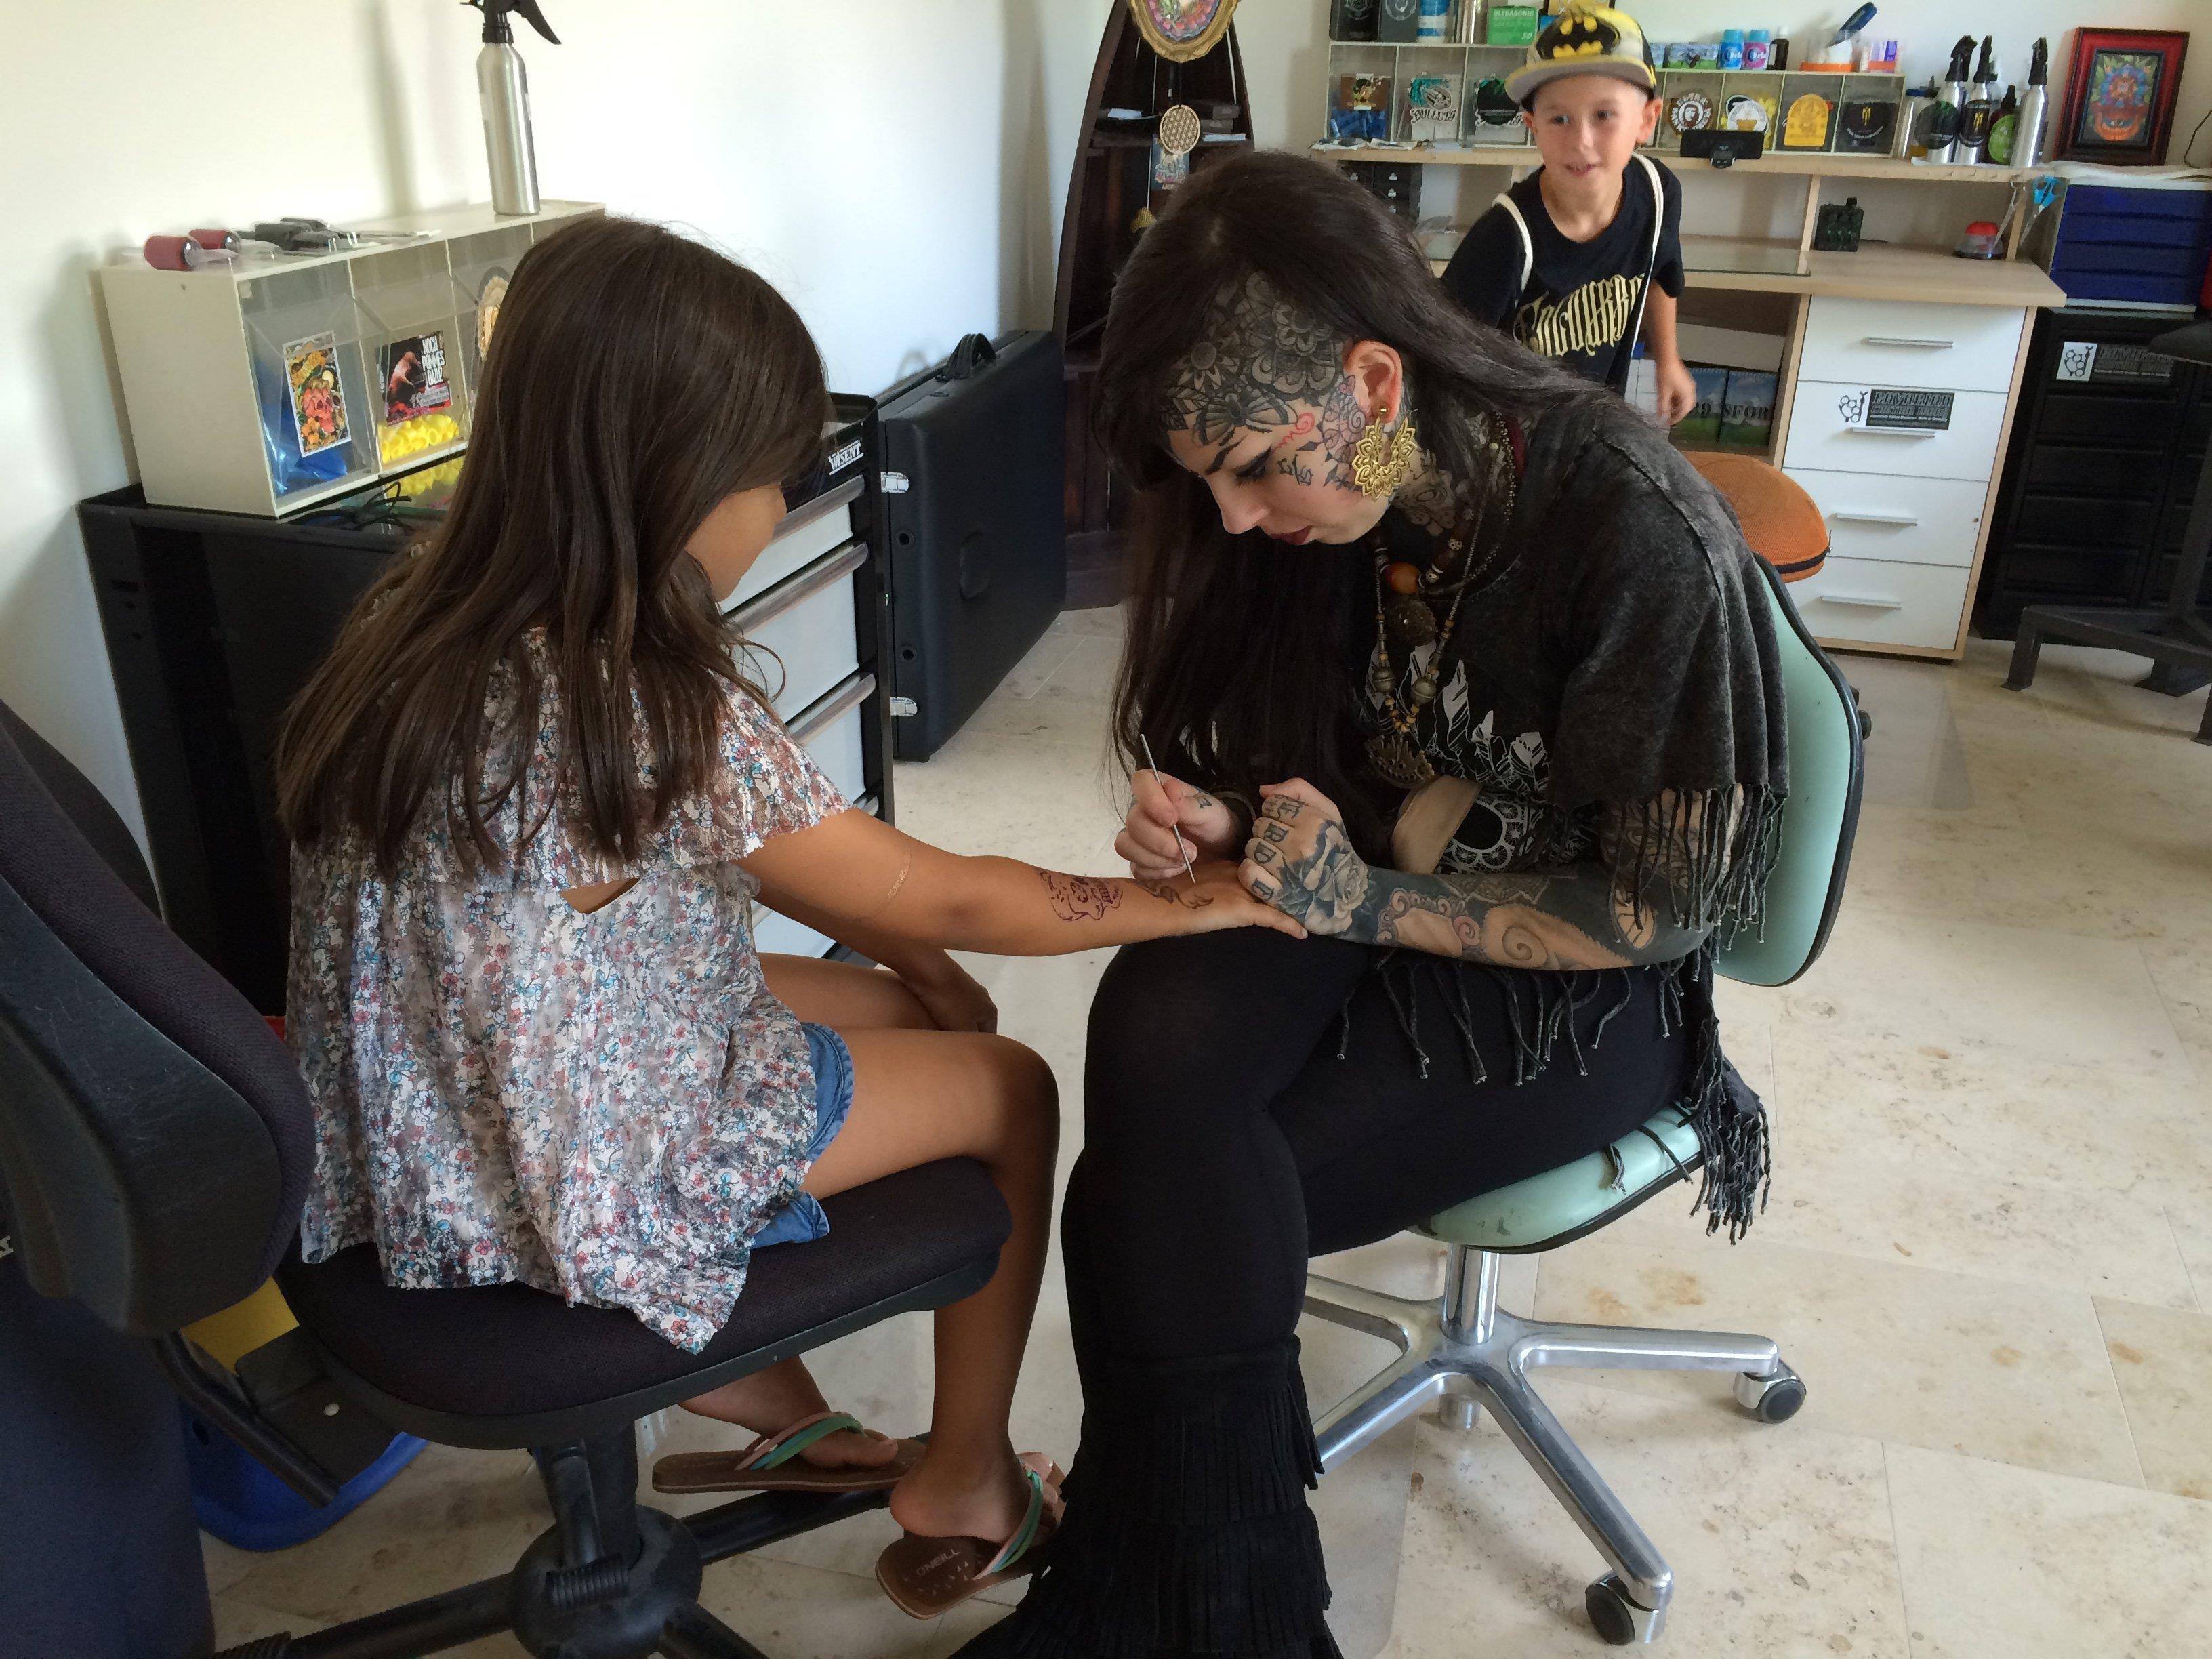 Am Eröffnungstag konnten sich Kinder kunstvolle Tattoo-Bilder auf die Haut malen lassen.